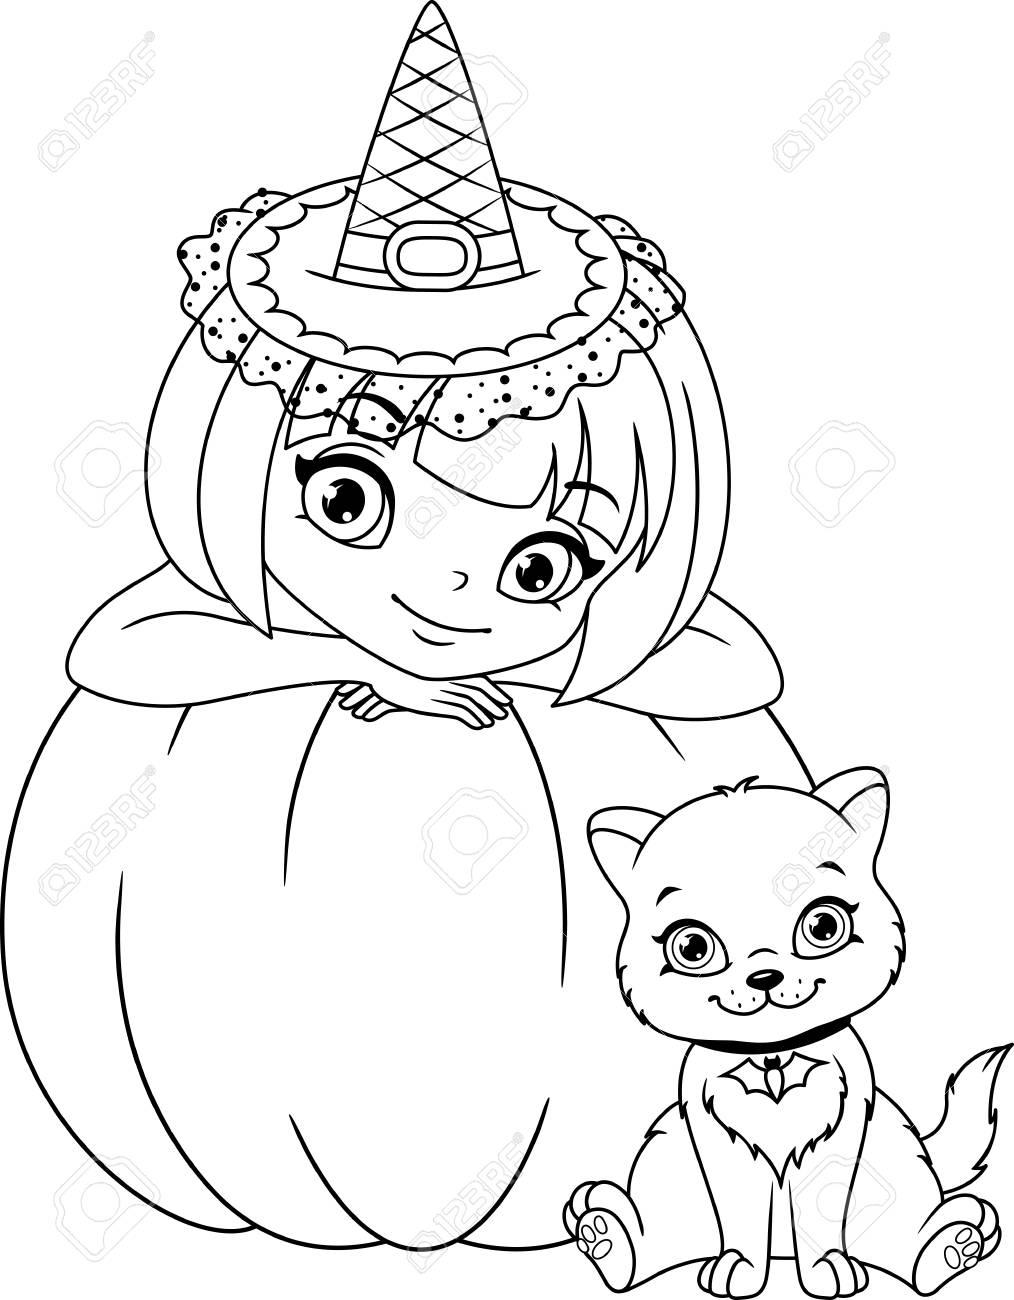 La Bruja Con La Página Para Colorear De Gatitos Ilustraciones ...